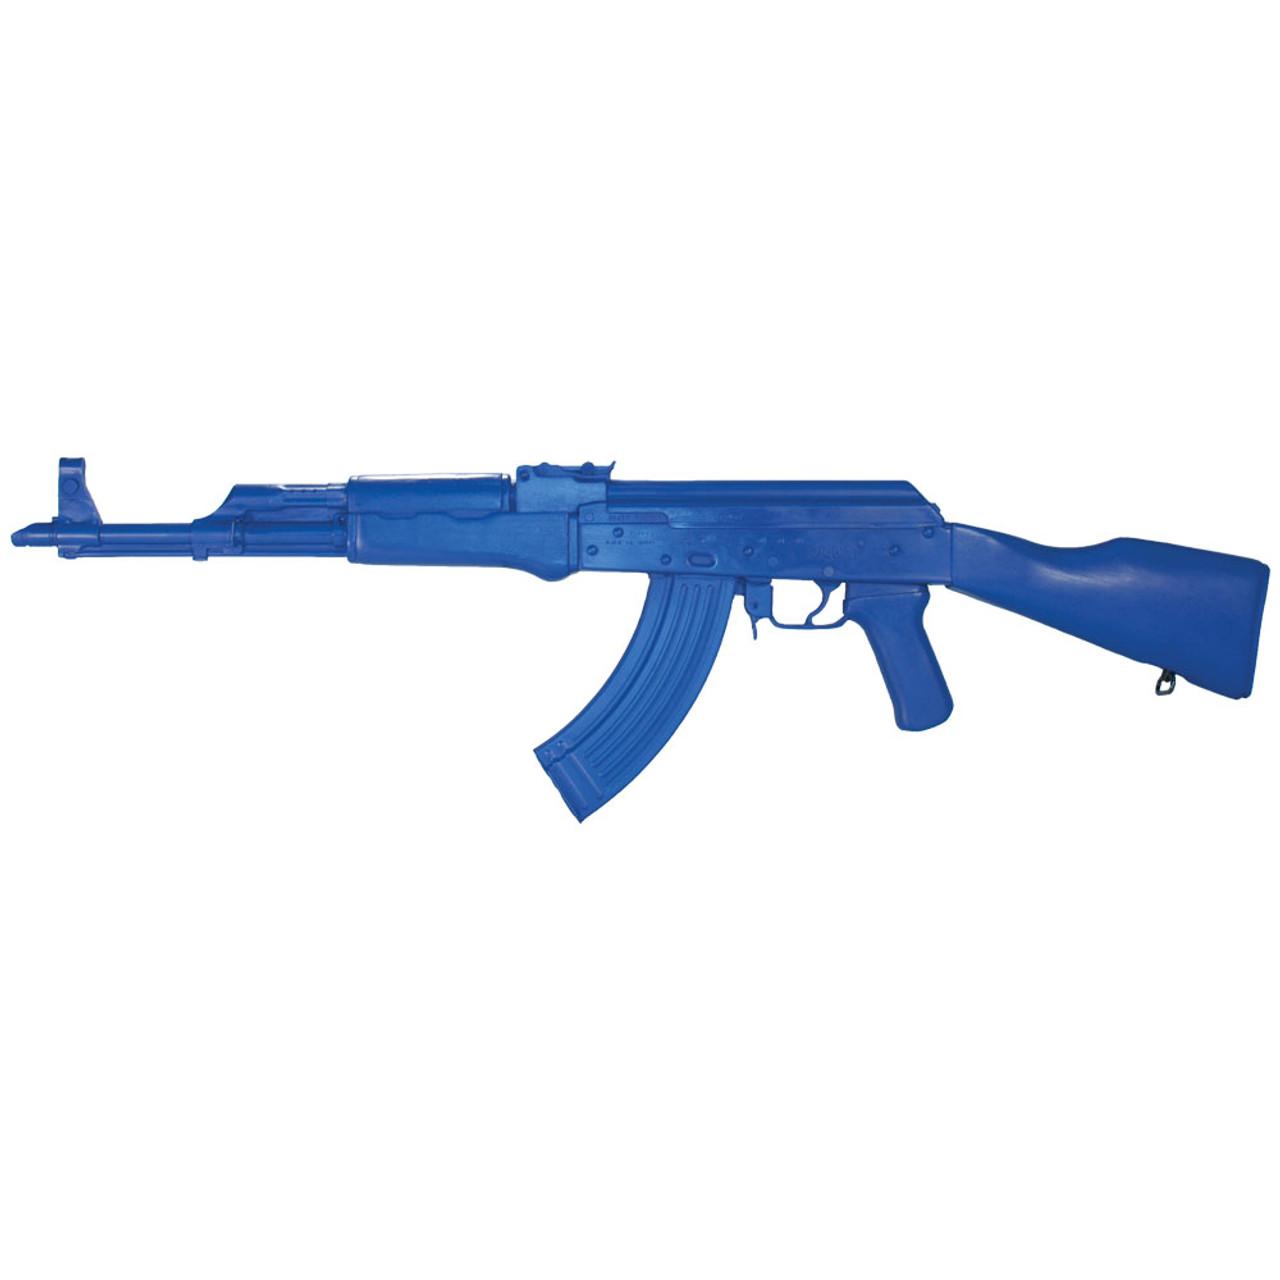 Blueguns - AK47